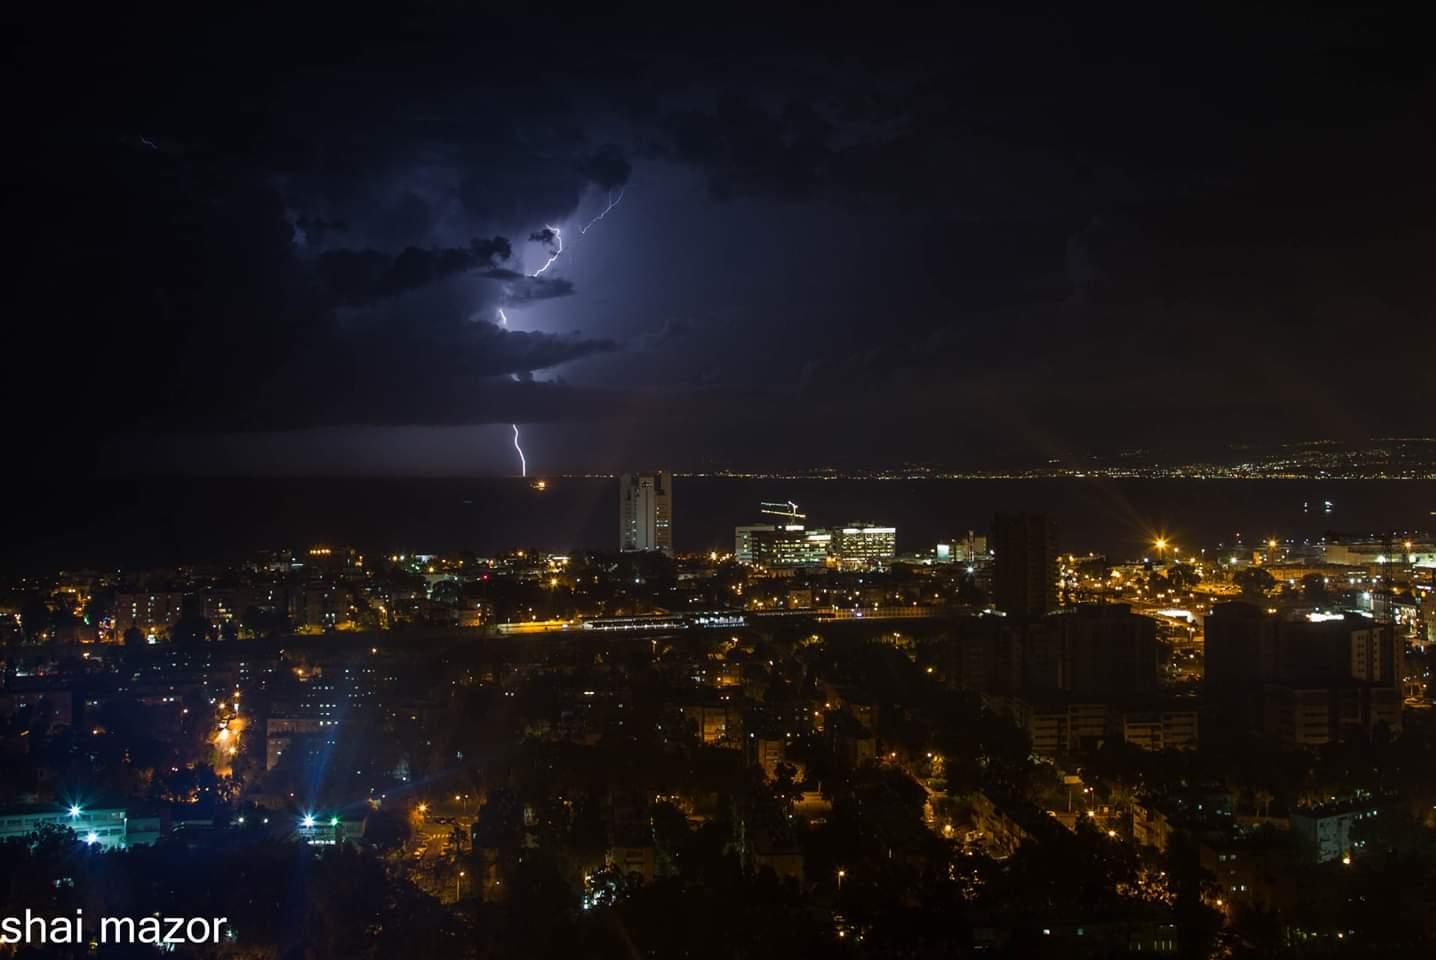 ברקים מעל מפרץ חיפה במערכת הגשם 22/11/2018 (צילום: שי מזור)